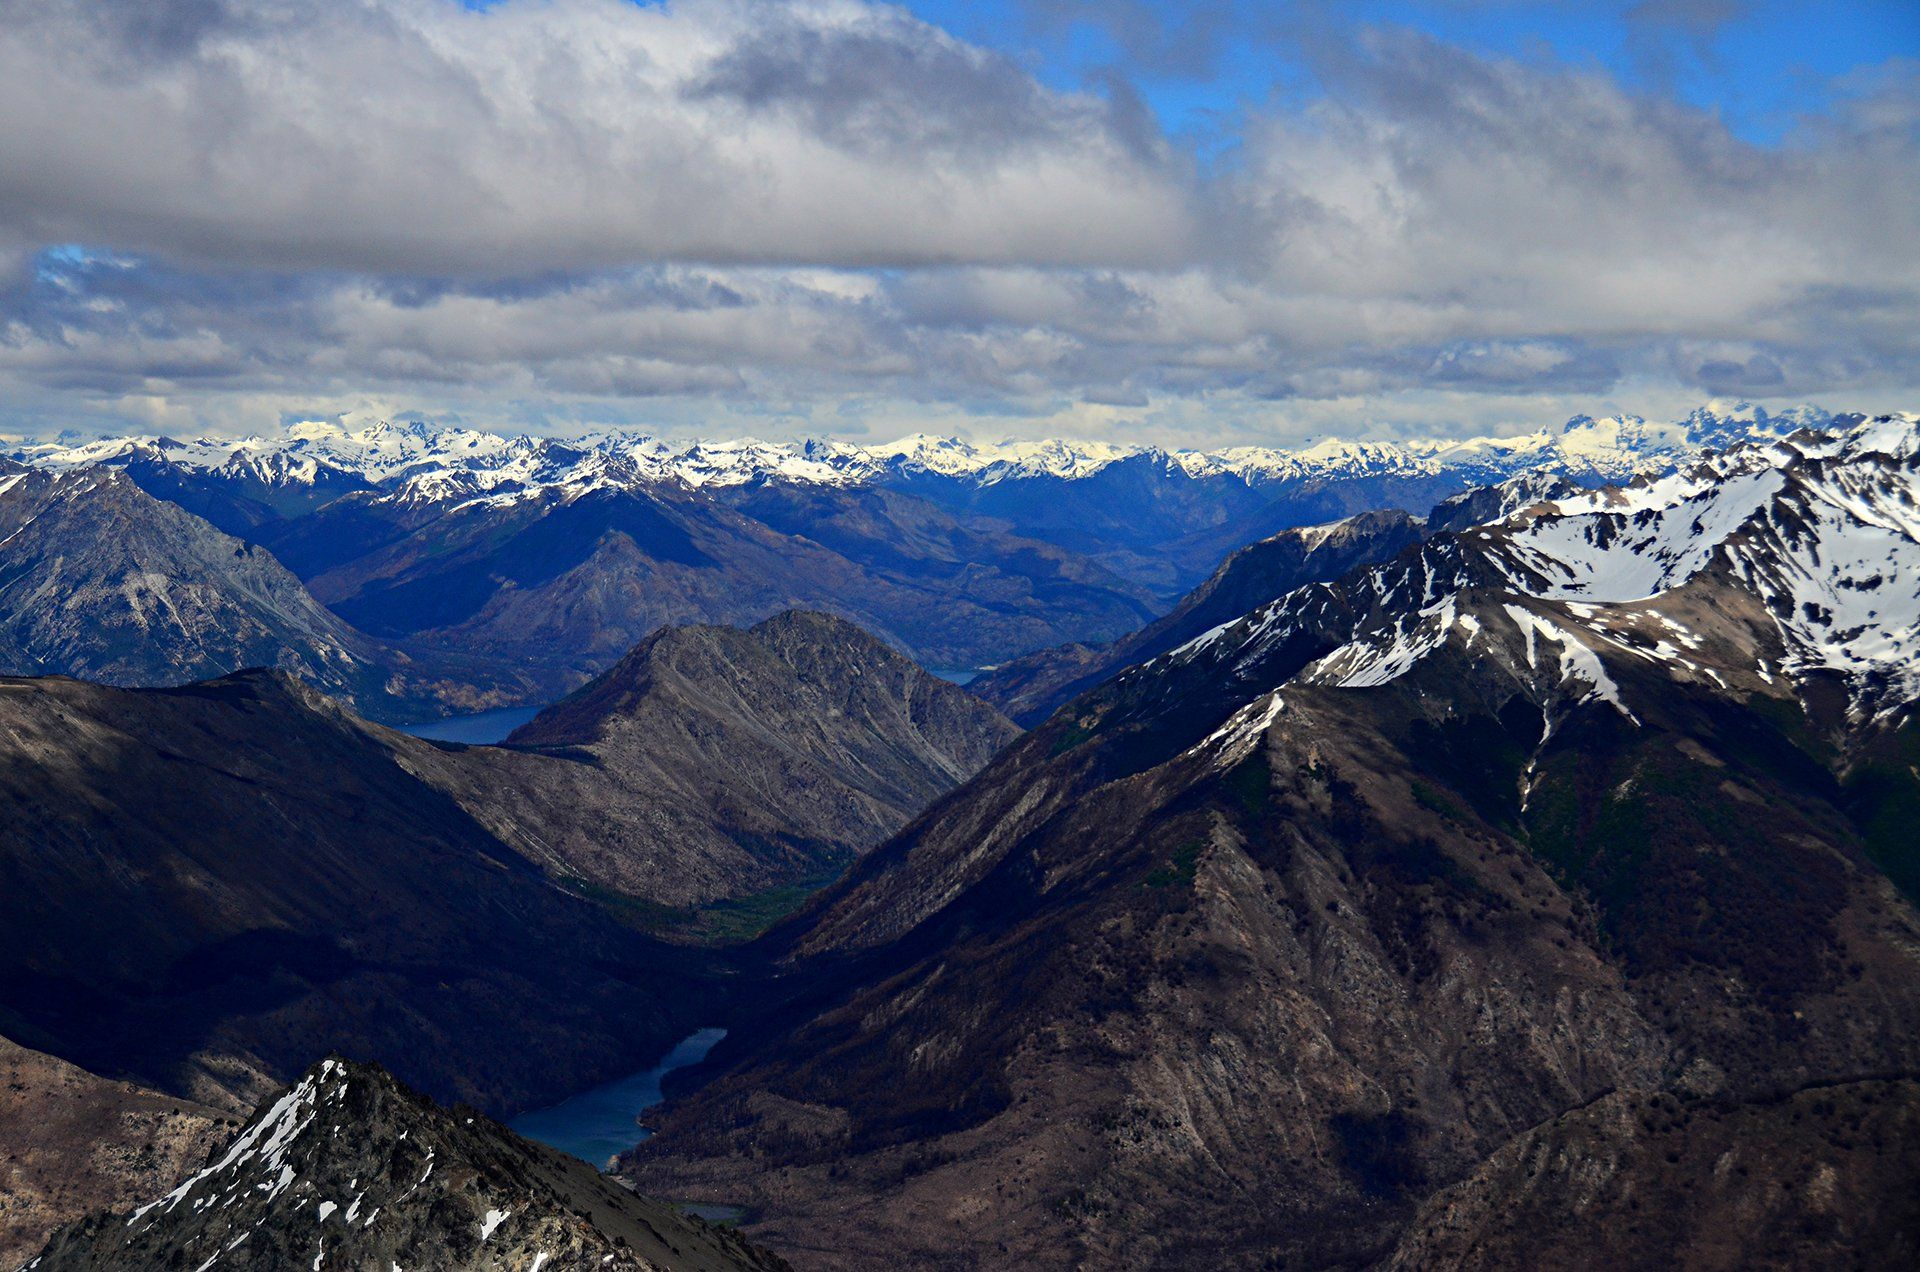 La Cordillera de los Andes se impone con sus picos afilados y cubiertos de nieve.